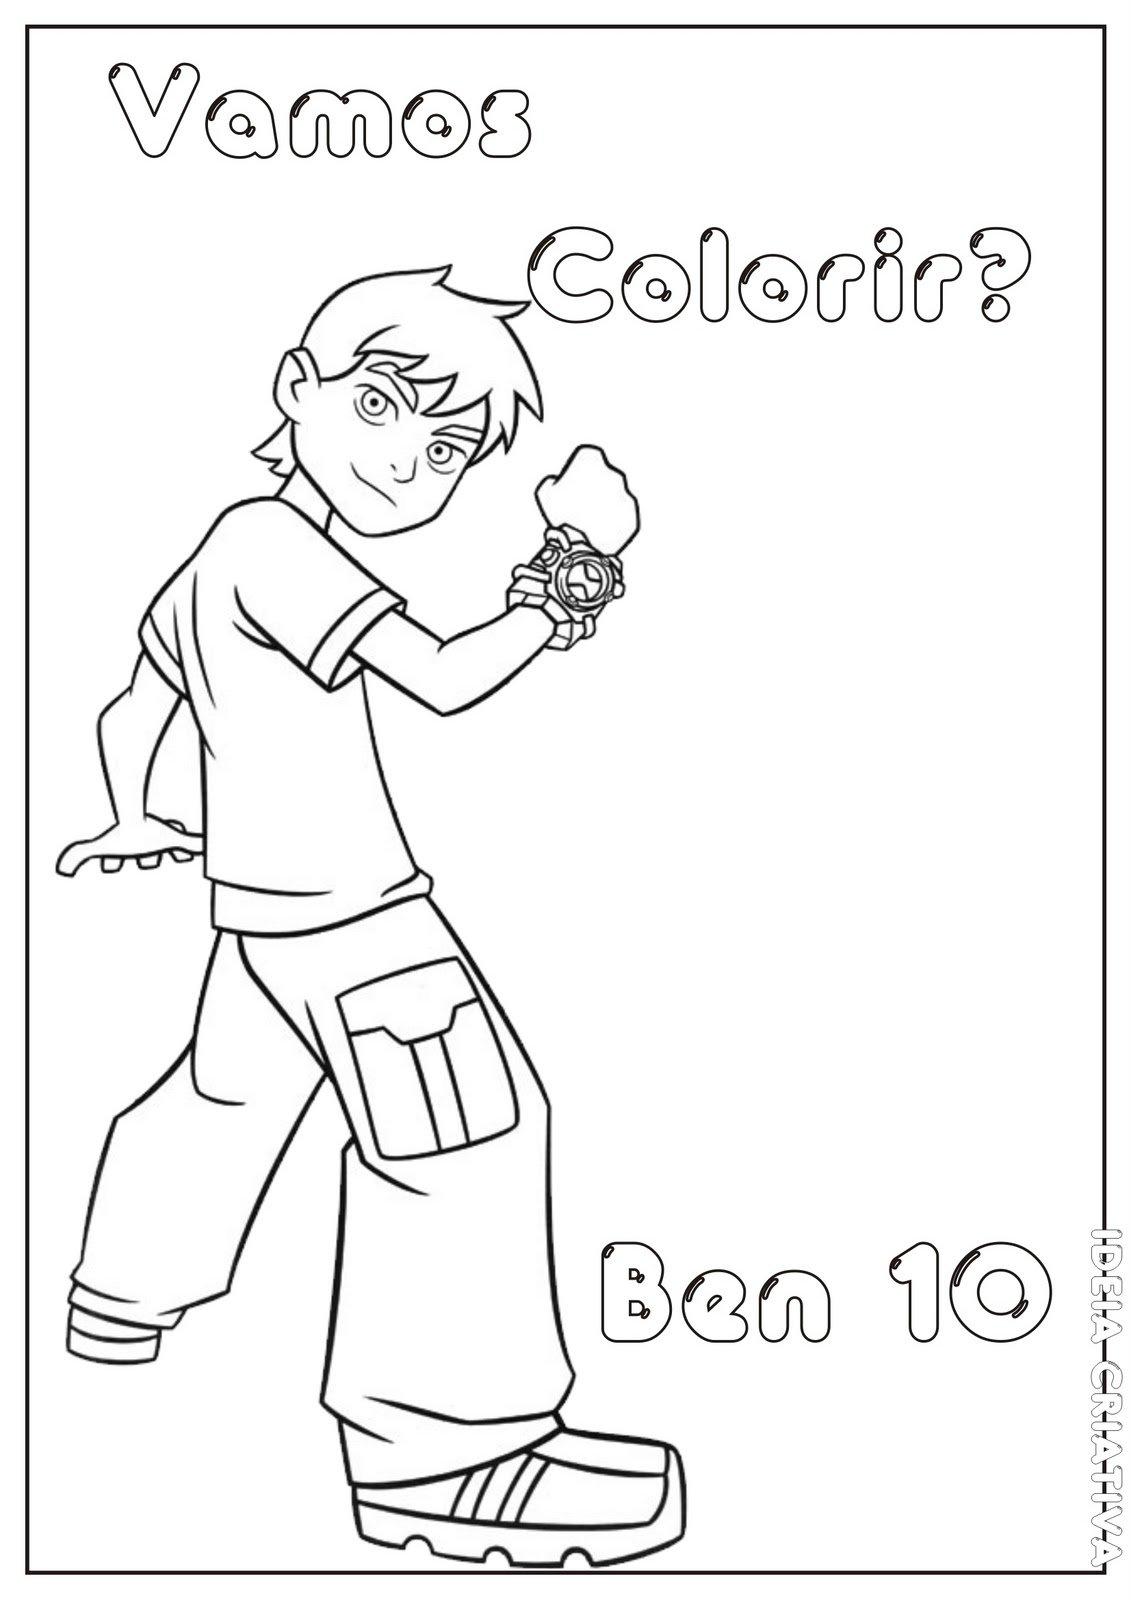 Desenho Do Ben 10, Imprima E Pinte